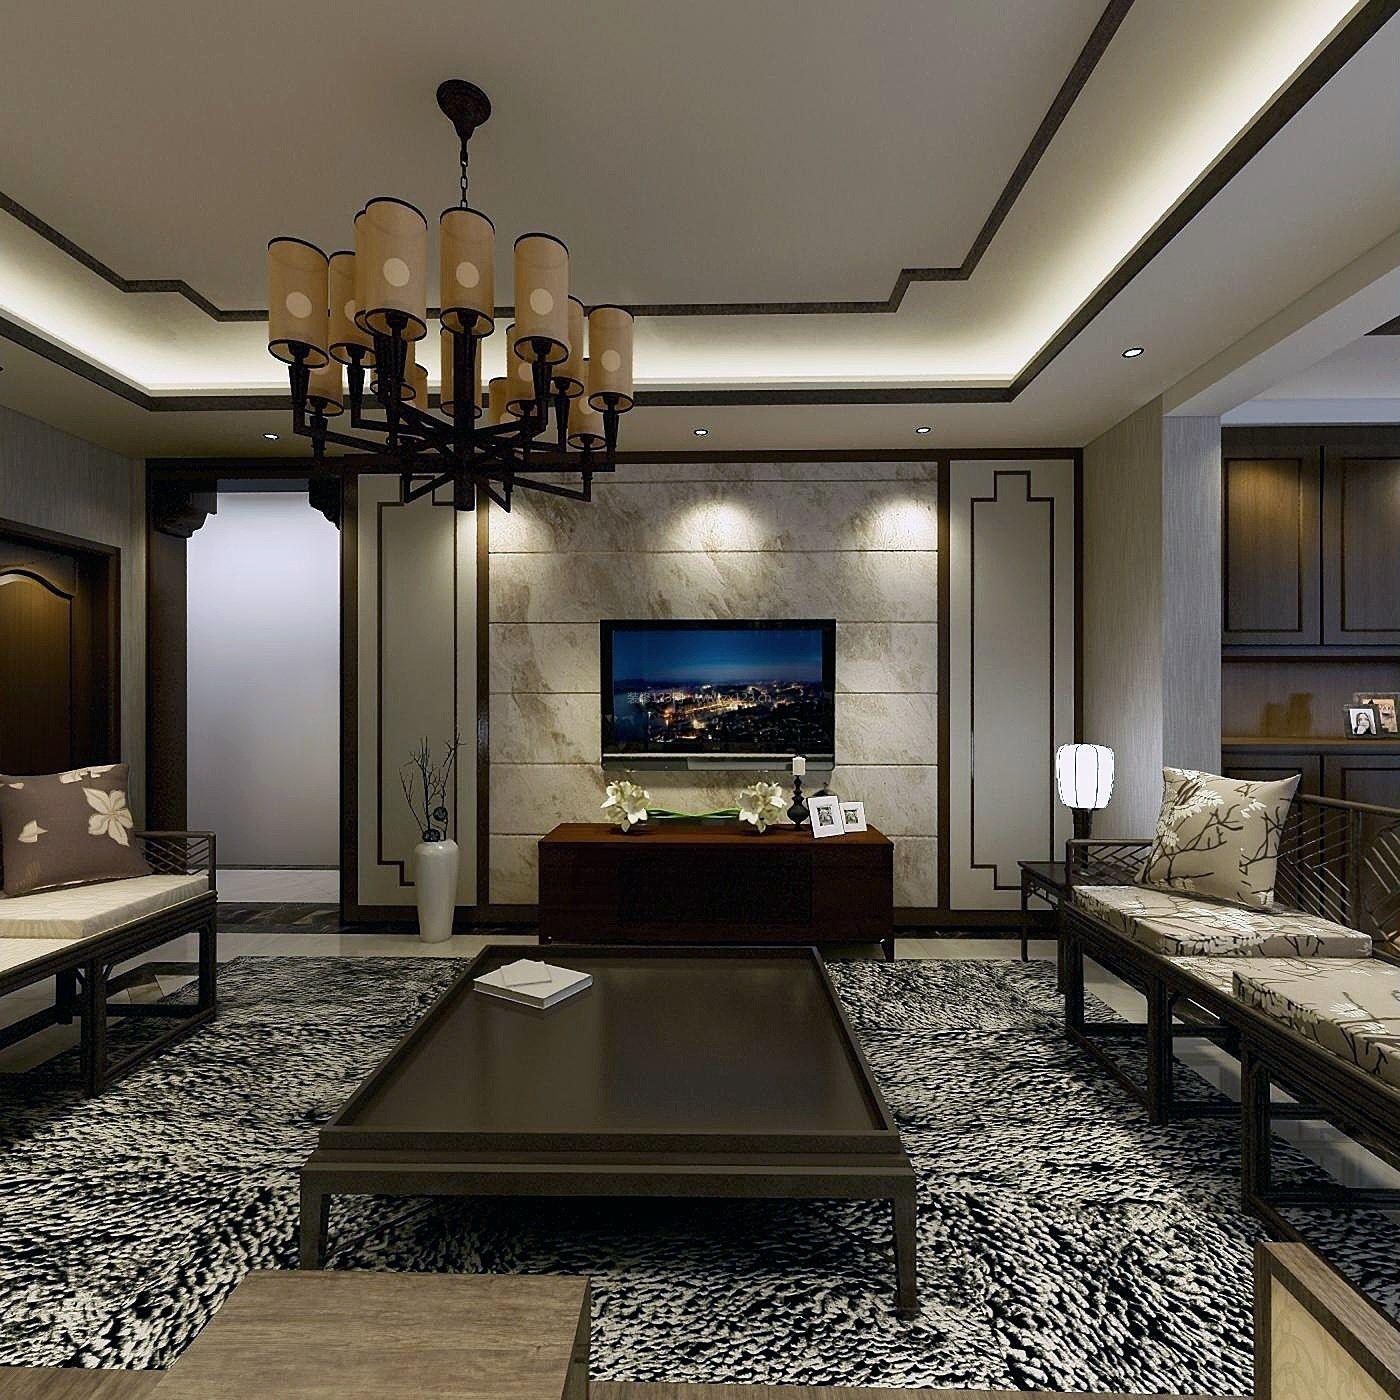 2018新中式风格客厅瓷砖电视墙设计效果图图片